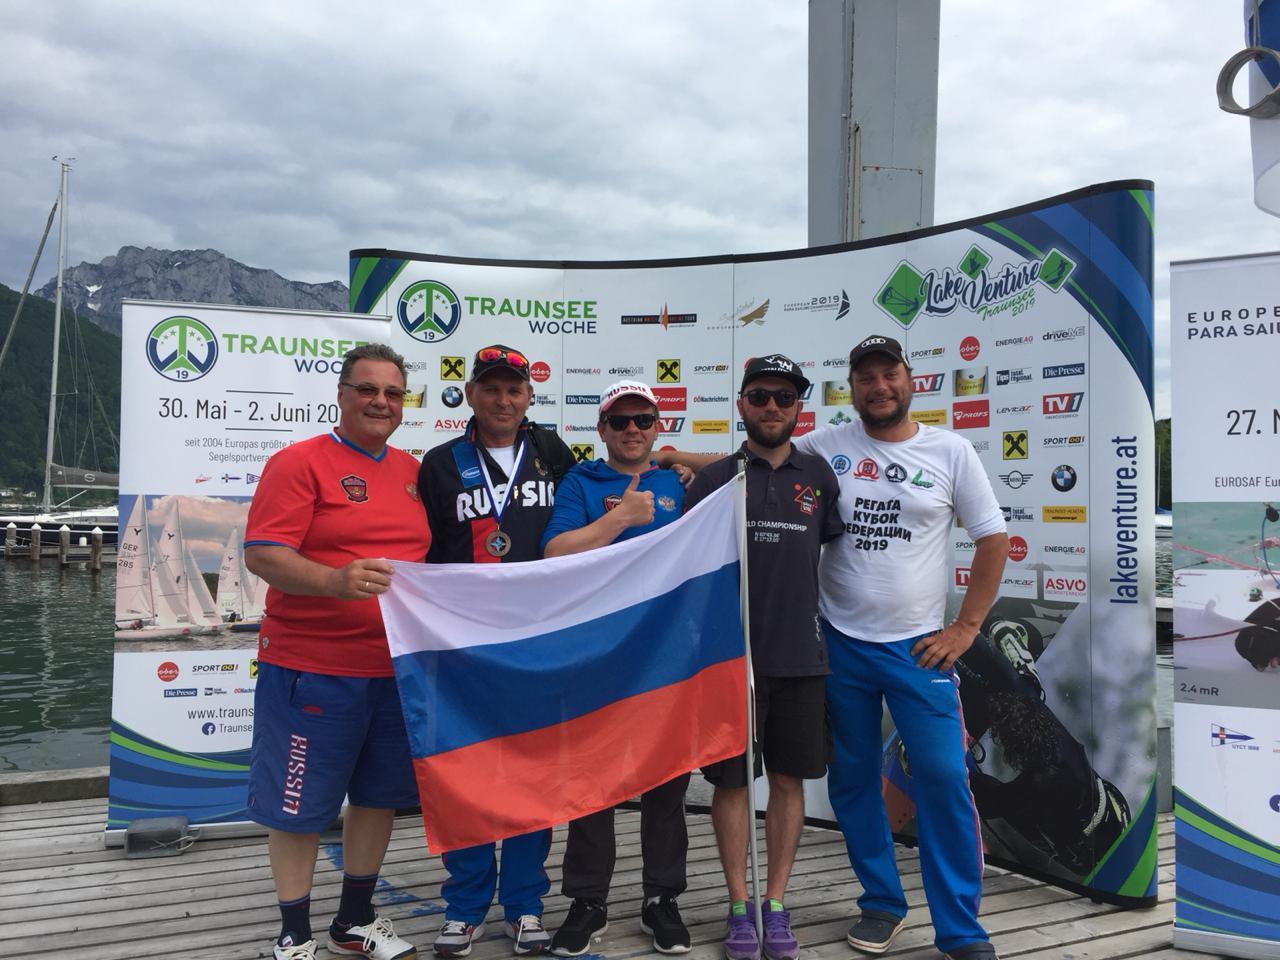 Сборная команда России по парусному спорту лиц с ПОДА завоевала бронзовую медаль на чемпионате Европы в Австрии